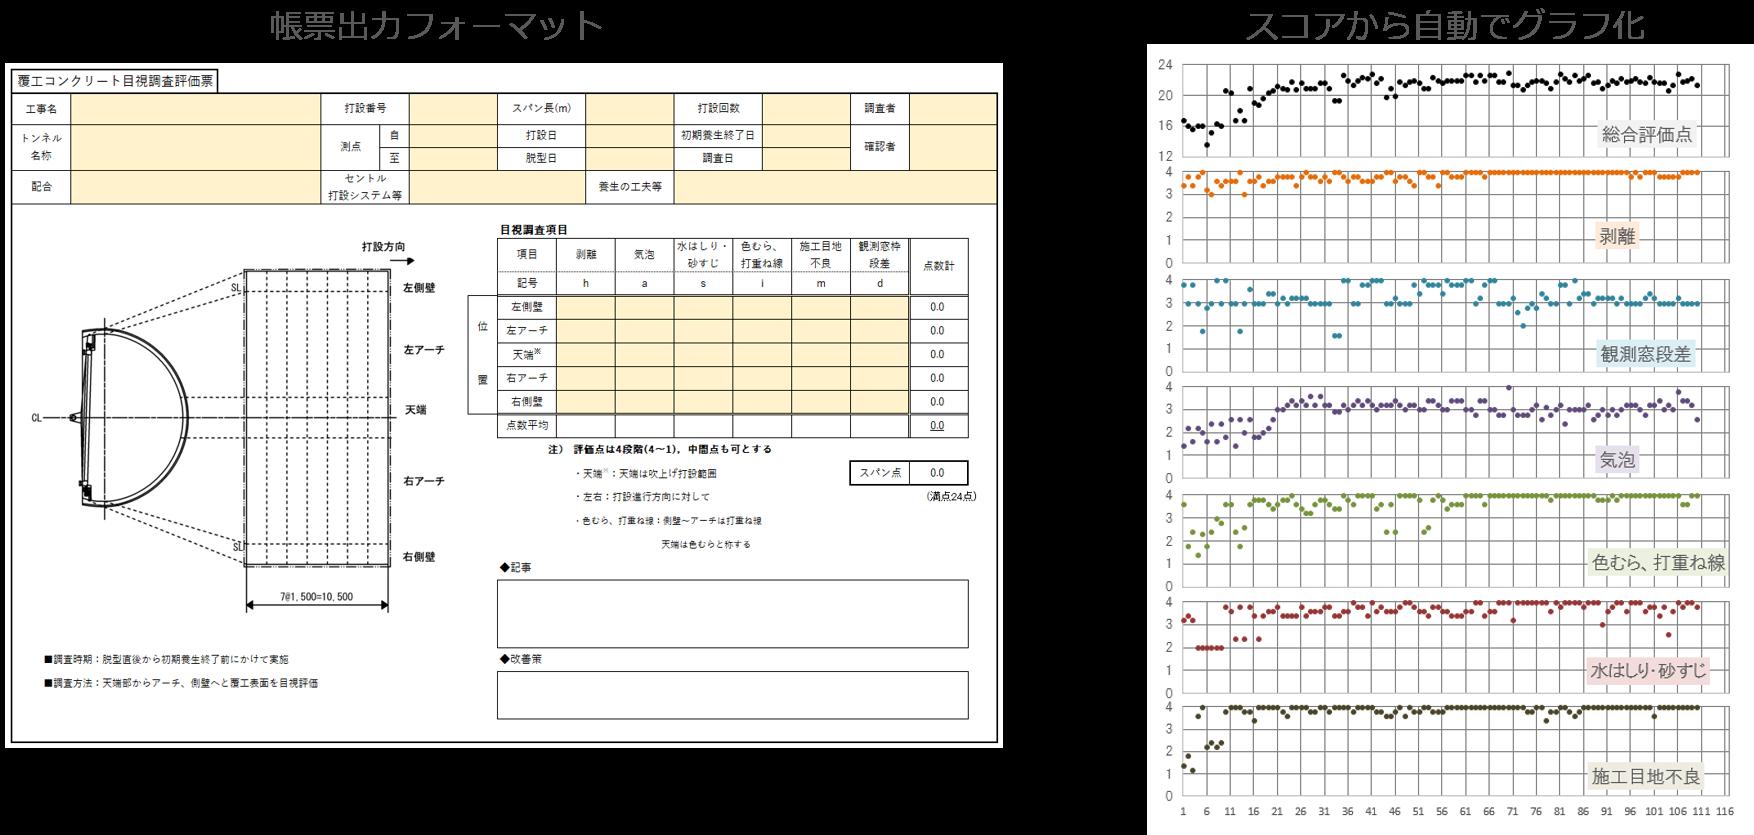 グラフと帳票.png